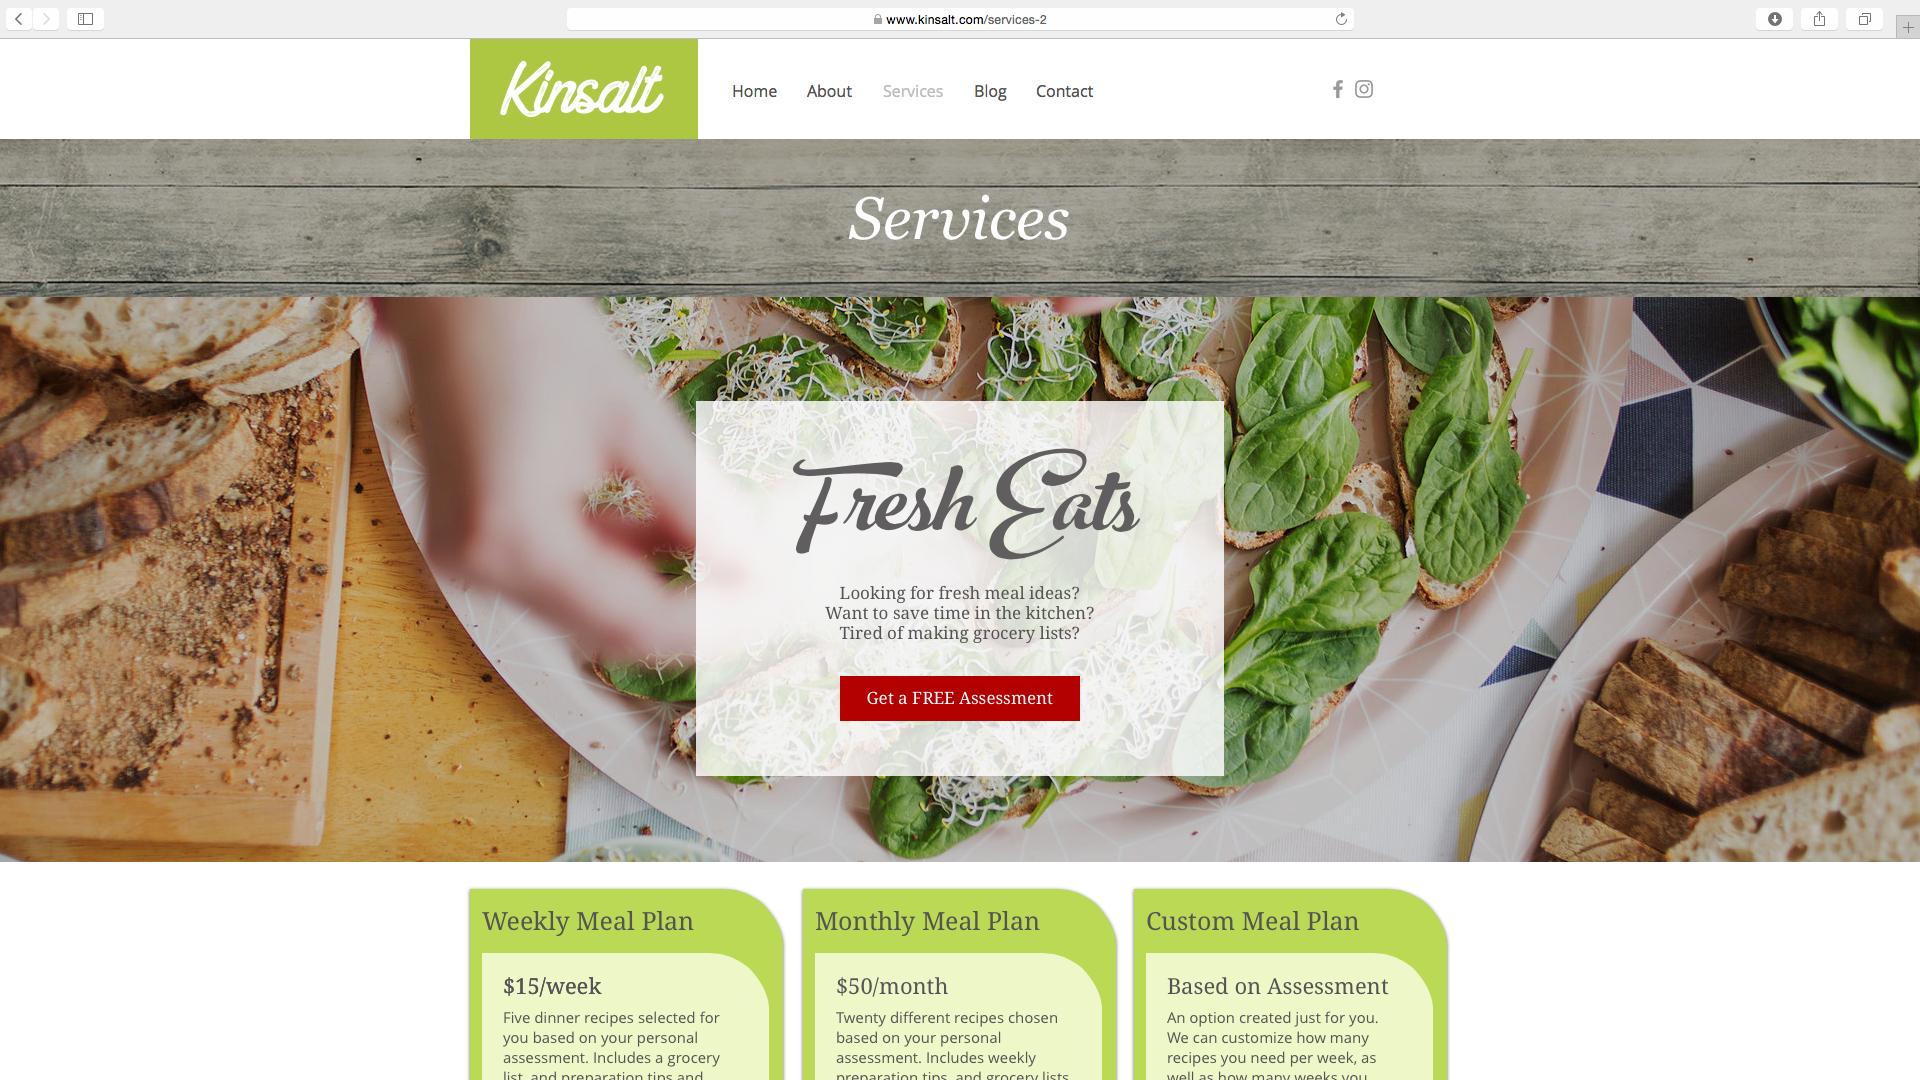 kinsalt_services_web_page.png